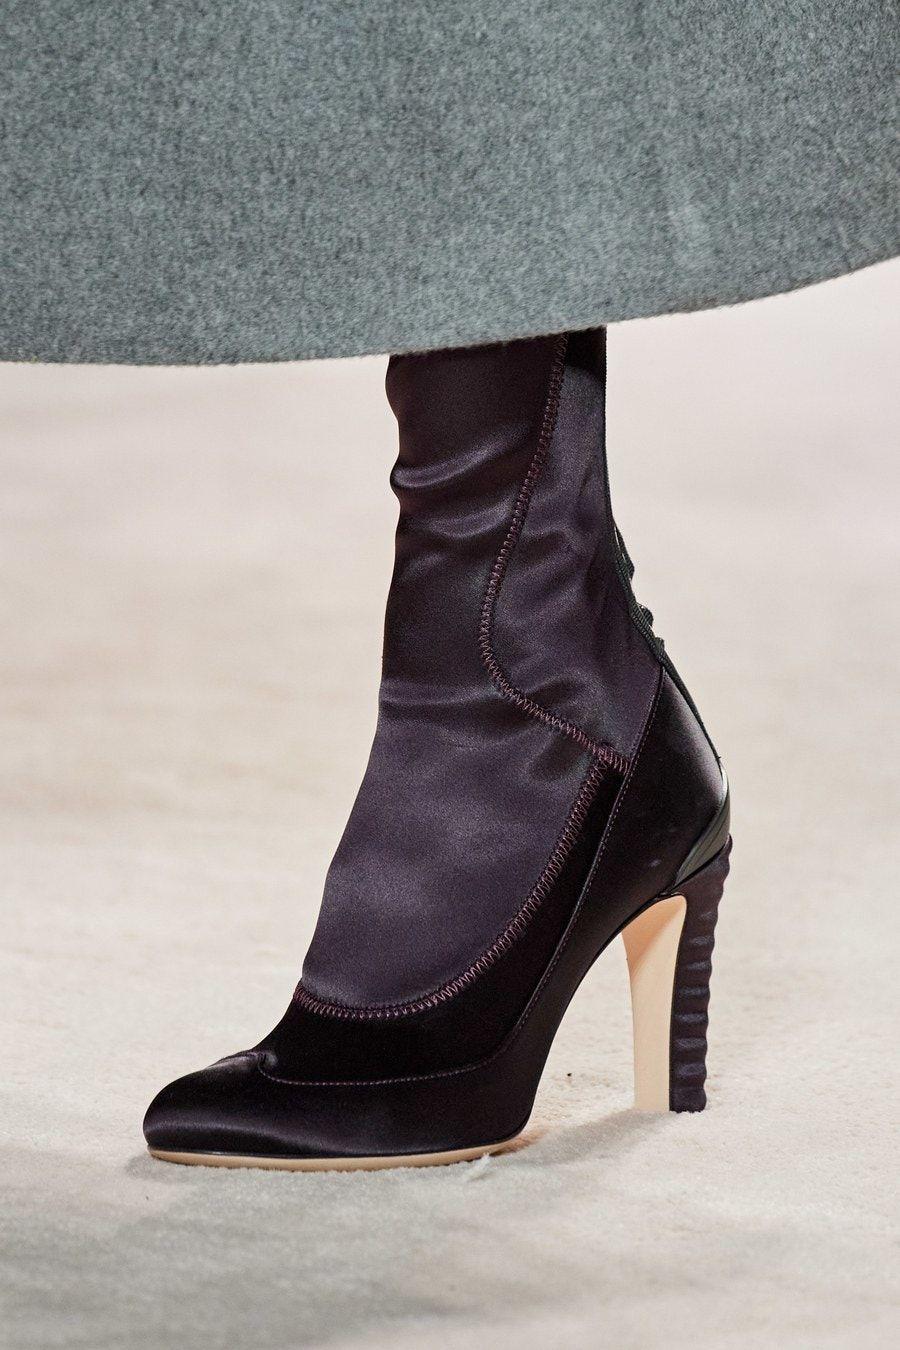 Sfilata di moda ready-to-wear Fendi autunno 2020